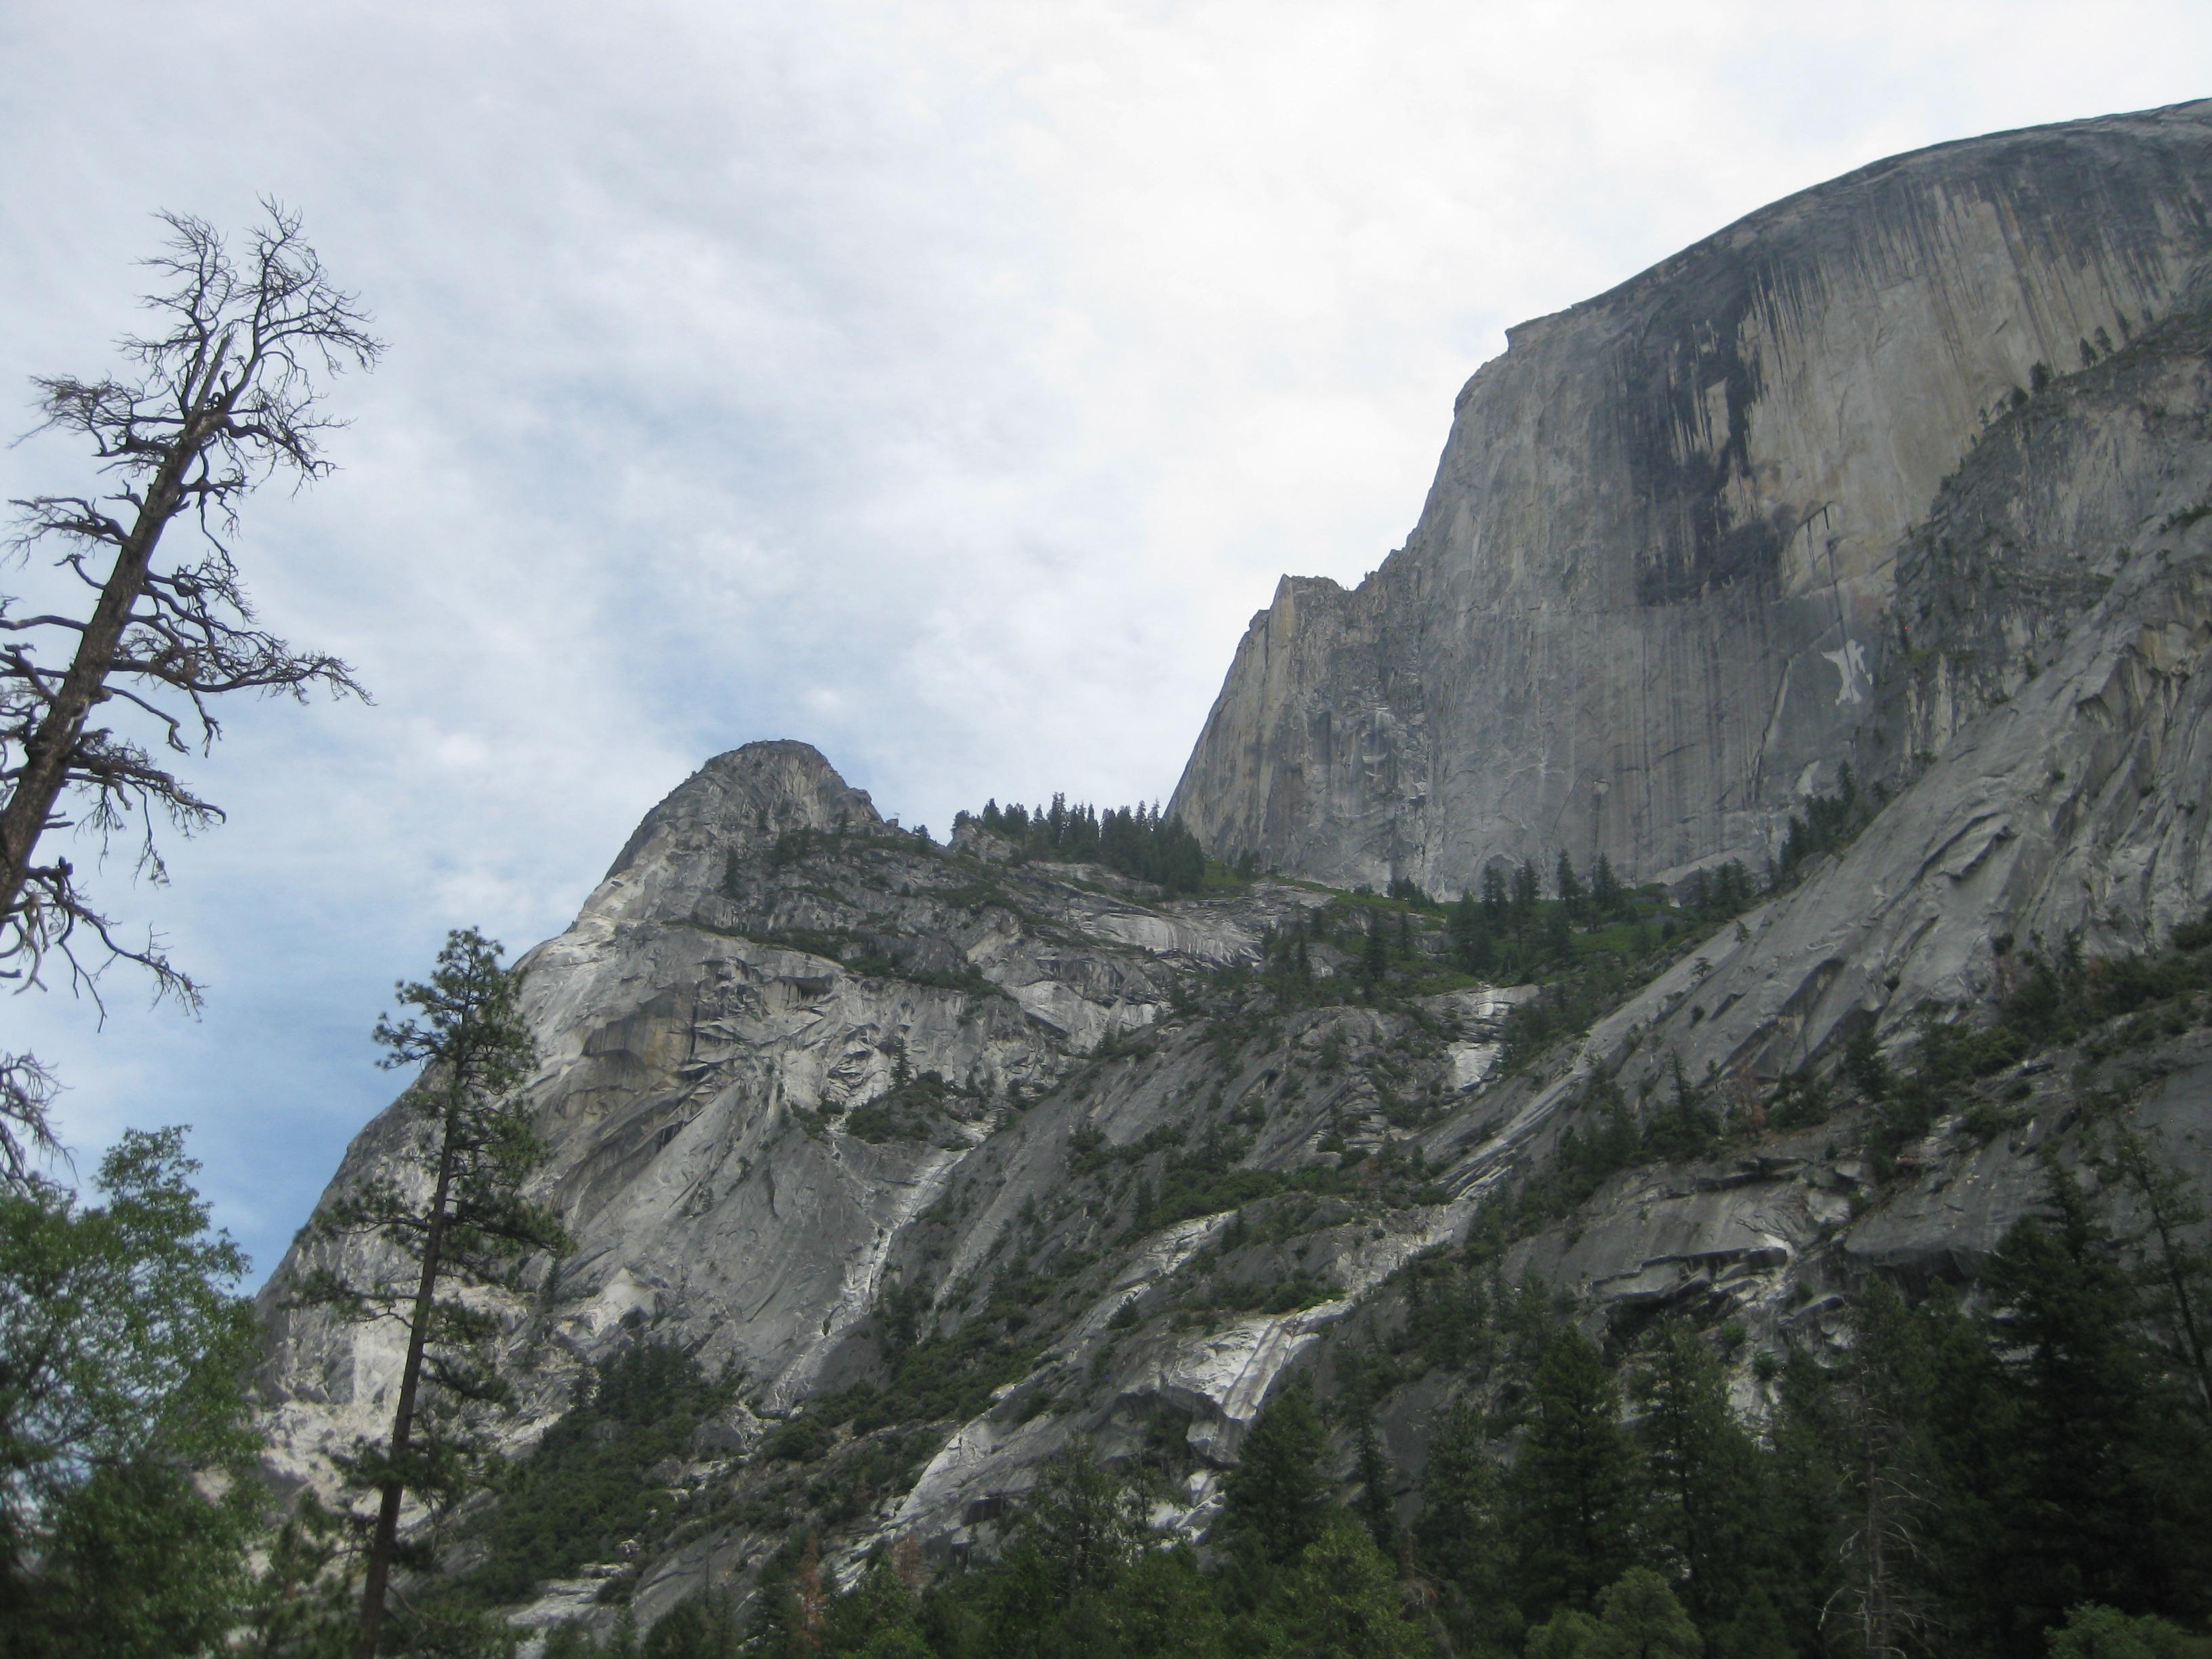 Yosemite Camping Trip